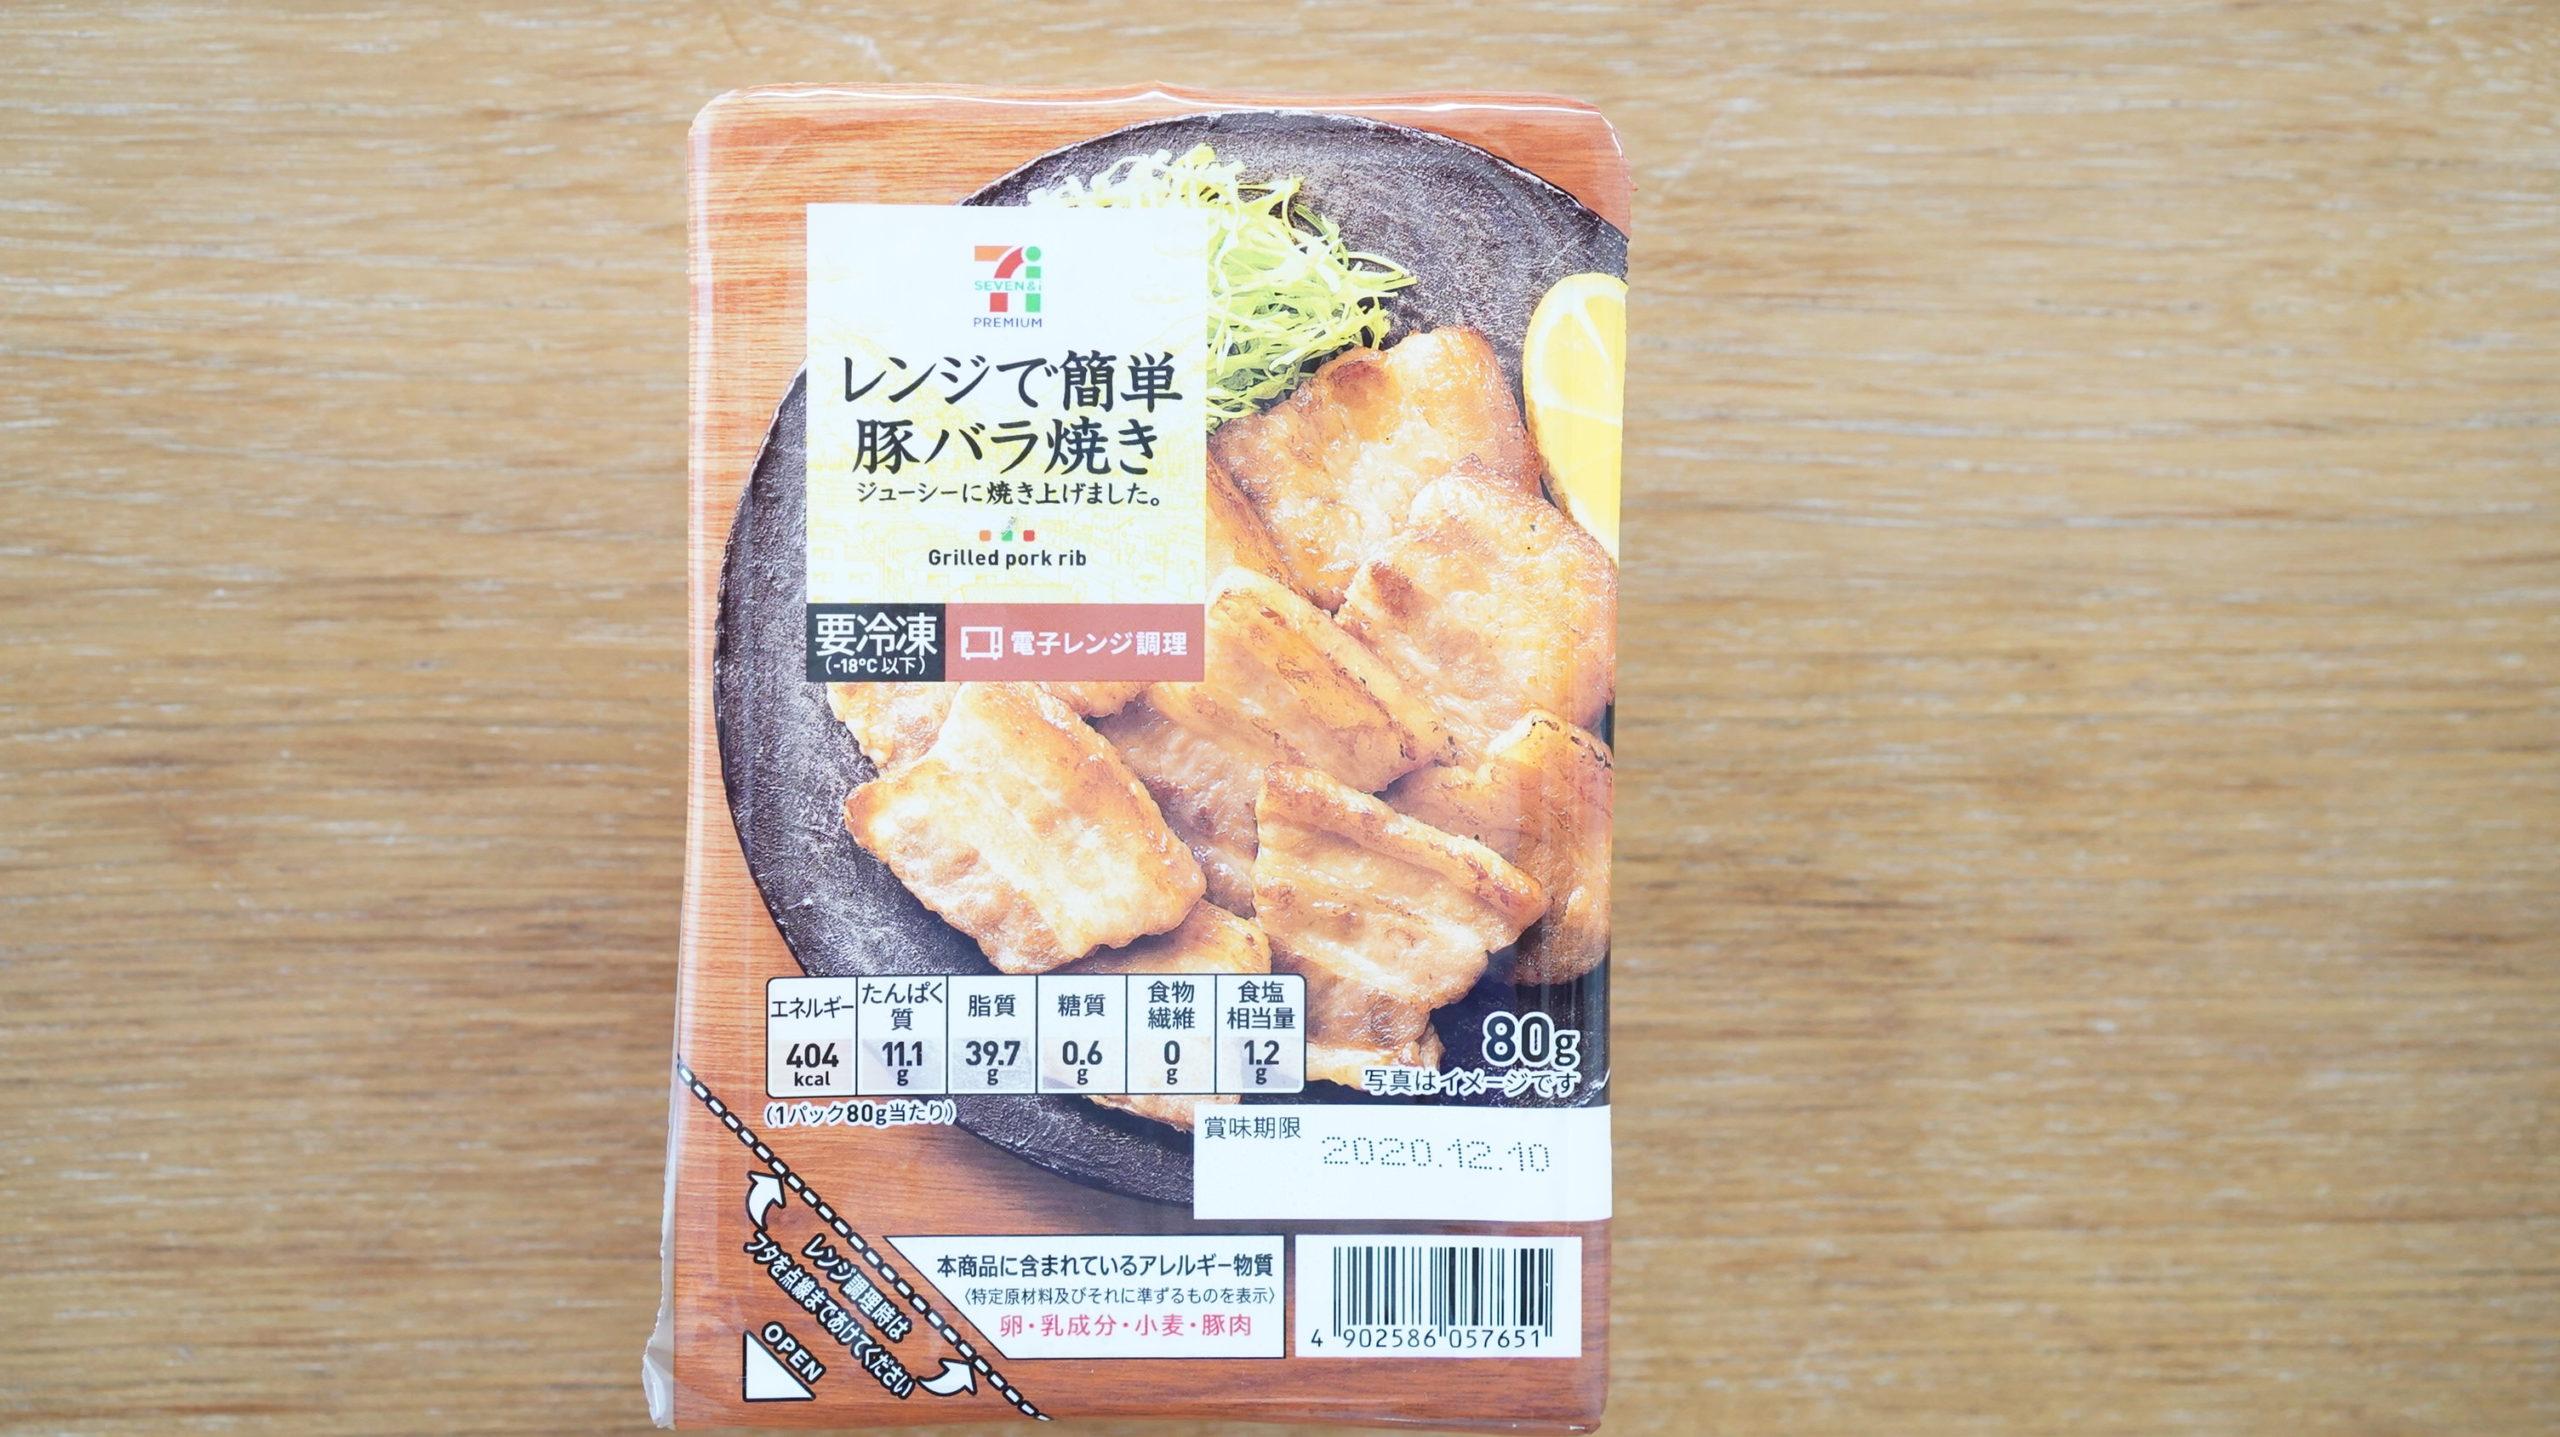 セブンイレブンのおすすめ冷凍食品「レンジで簡単豚バラ焼き」のパッケージ写真